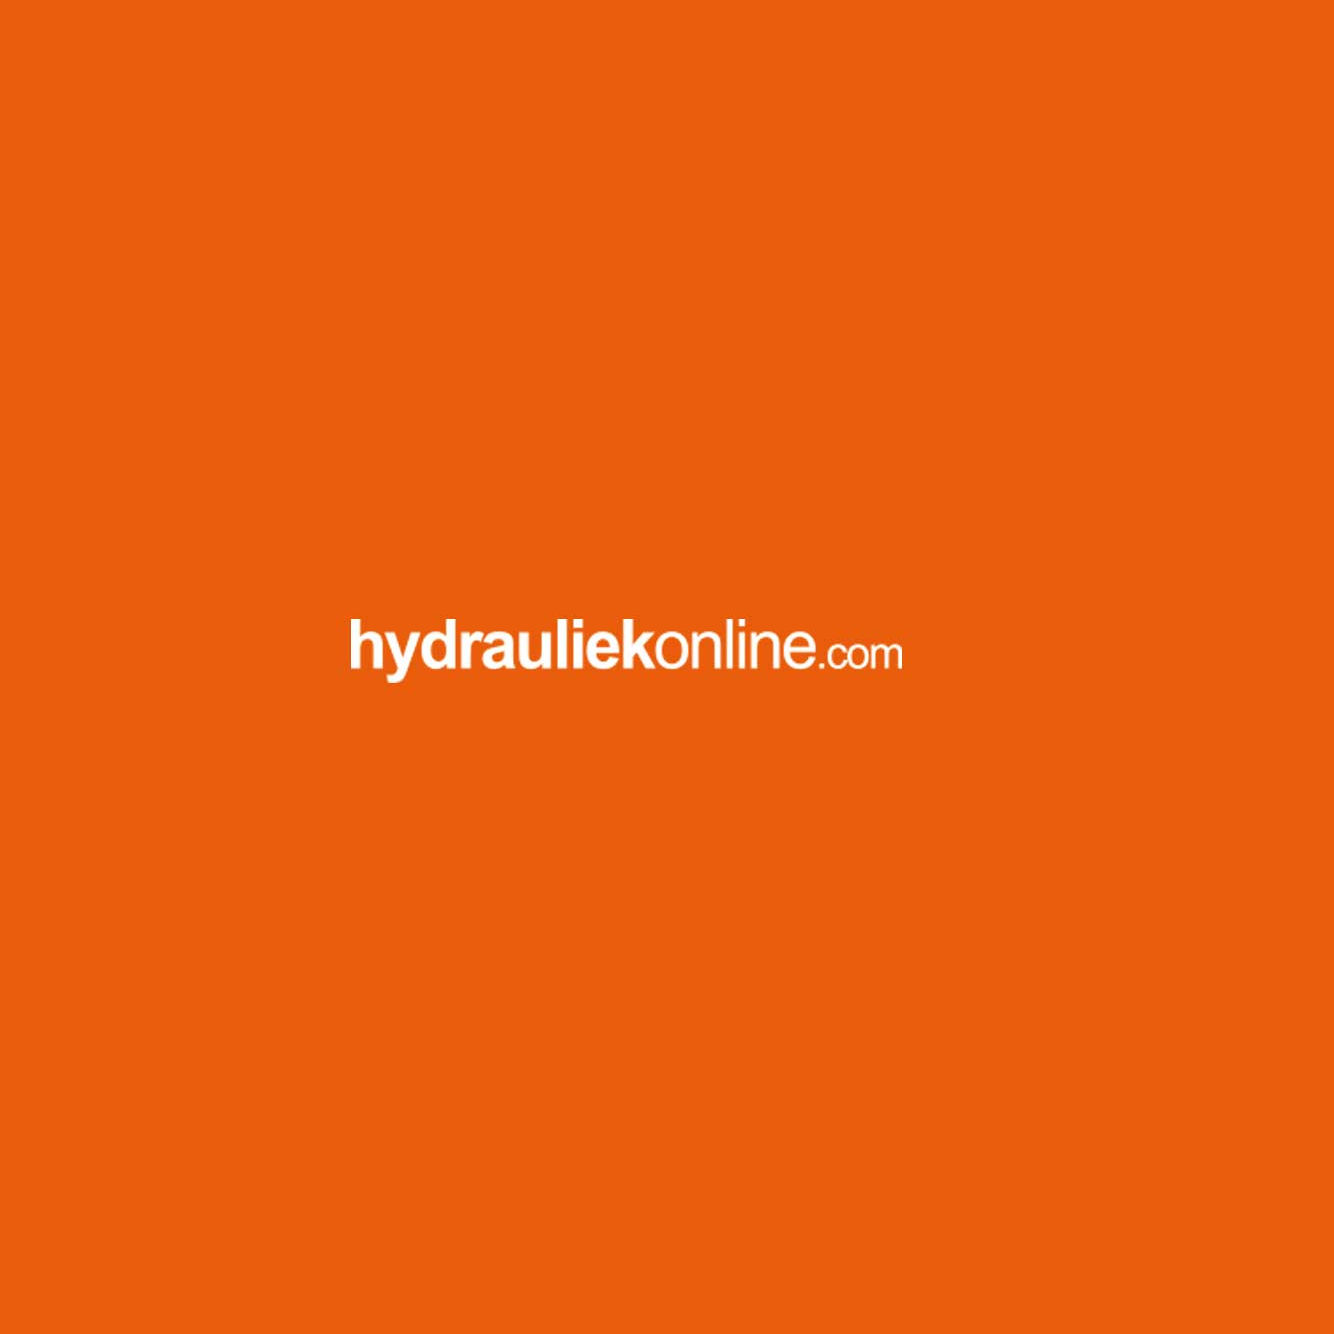 hydrauliek-online-2143.JPG